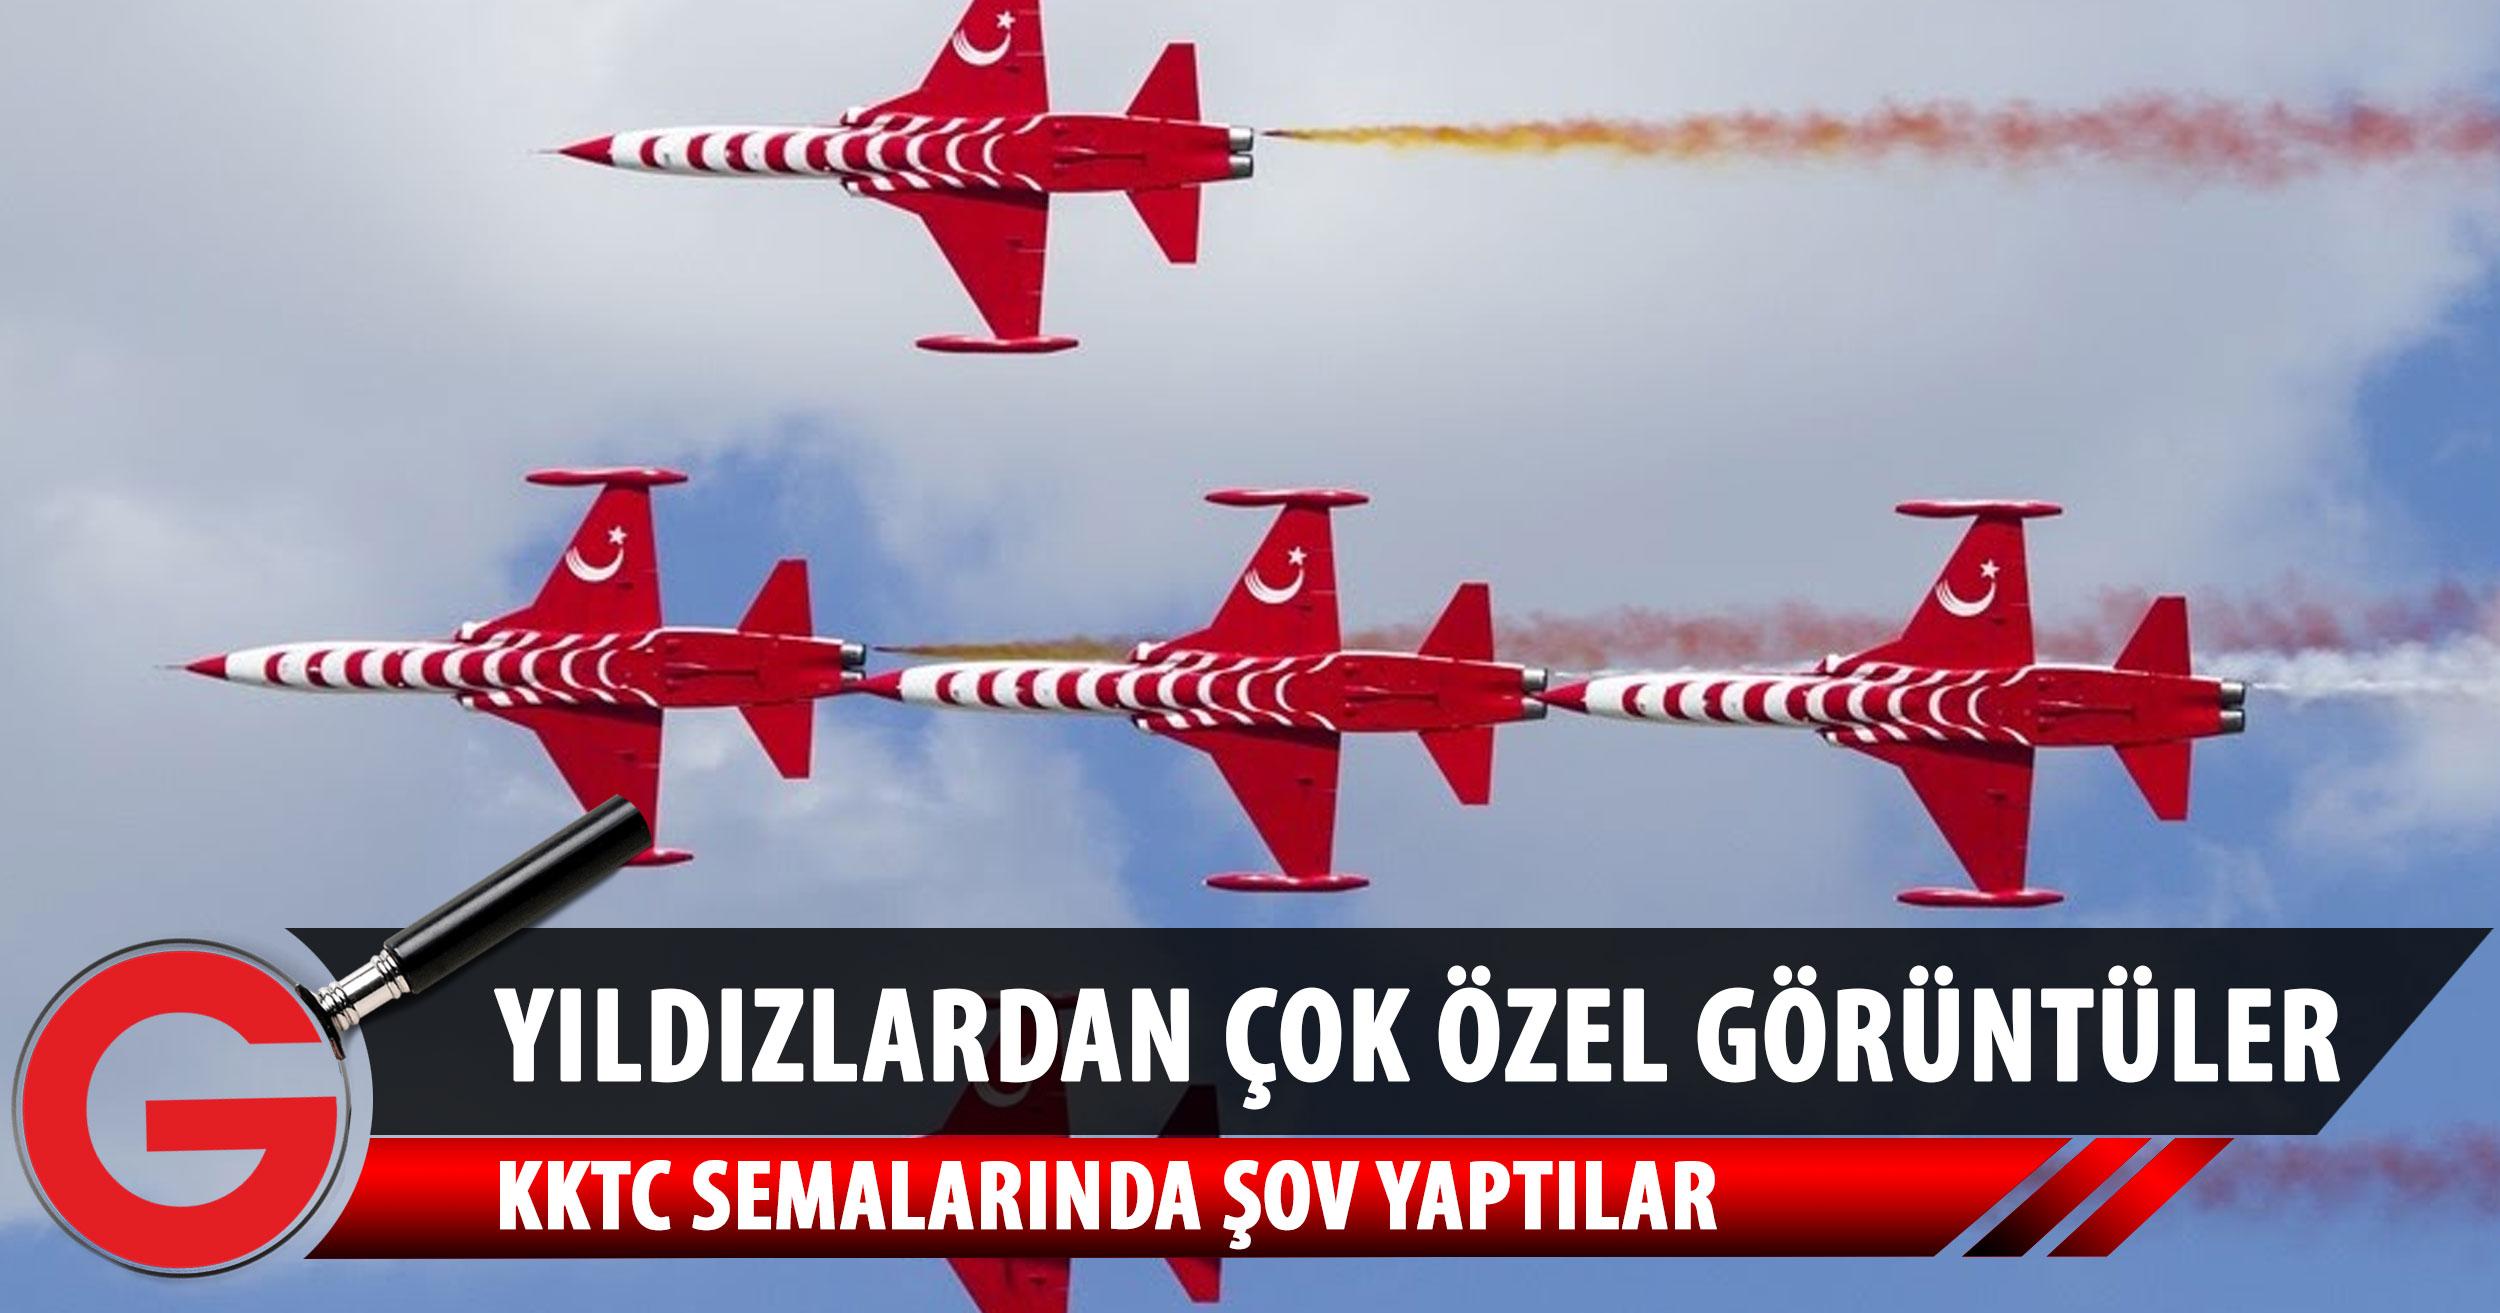 Türk Yıldızları'ndan KKTC'de gösteri uçuşu